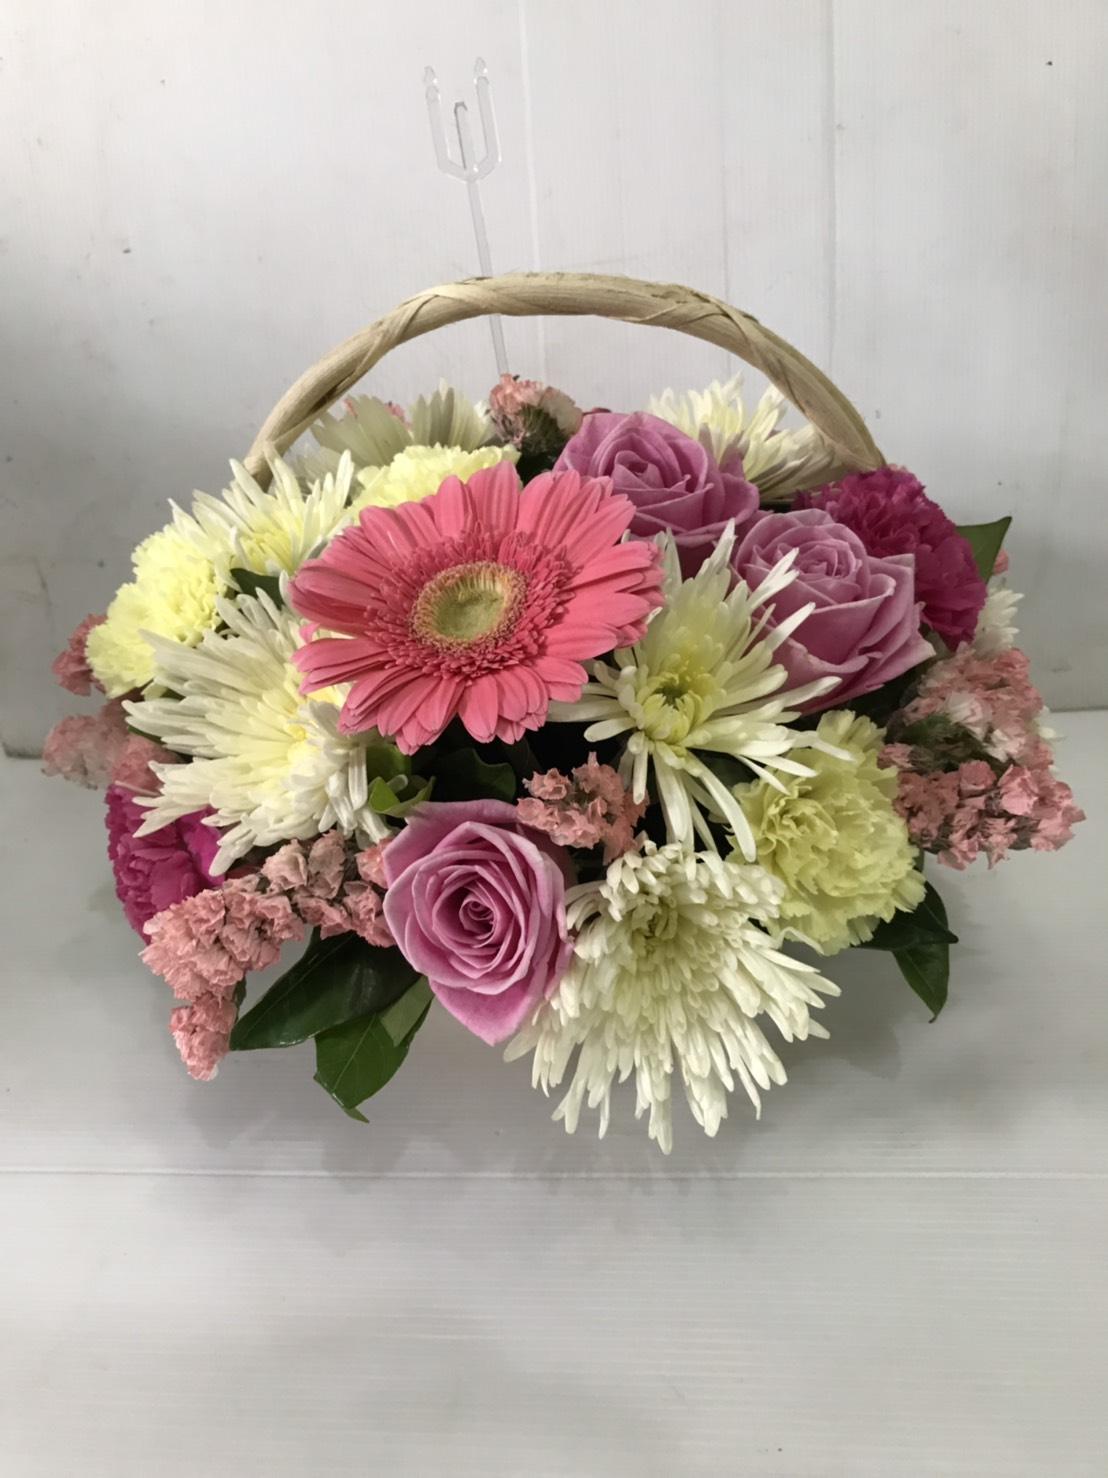 กระเช้าดอกไม้แสนกระจุ๋มกระจิ๋ม แต่ละลานตาด้วยดอกไม้สวย ๆ นะคะ